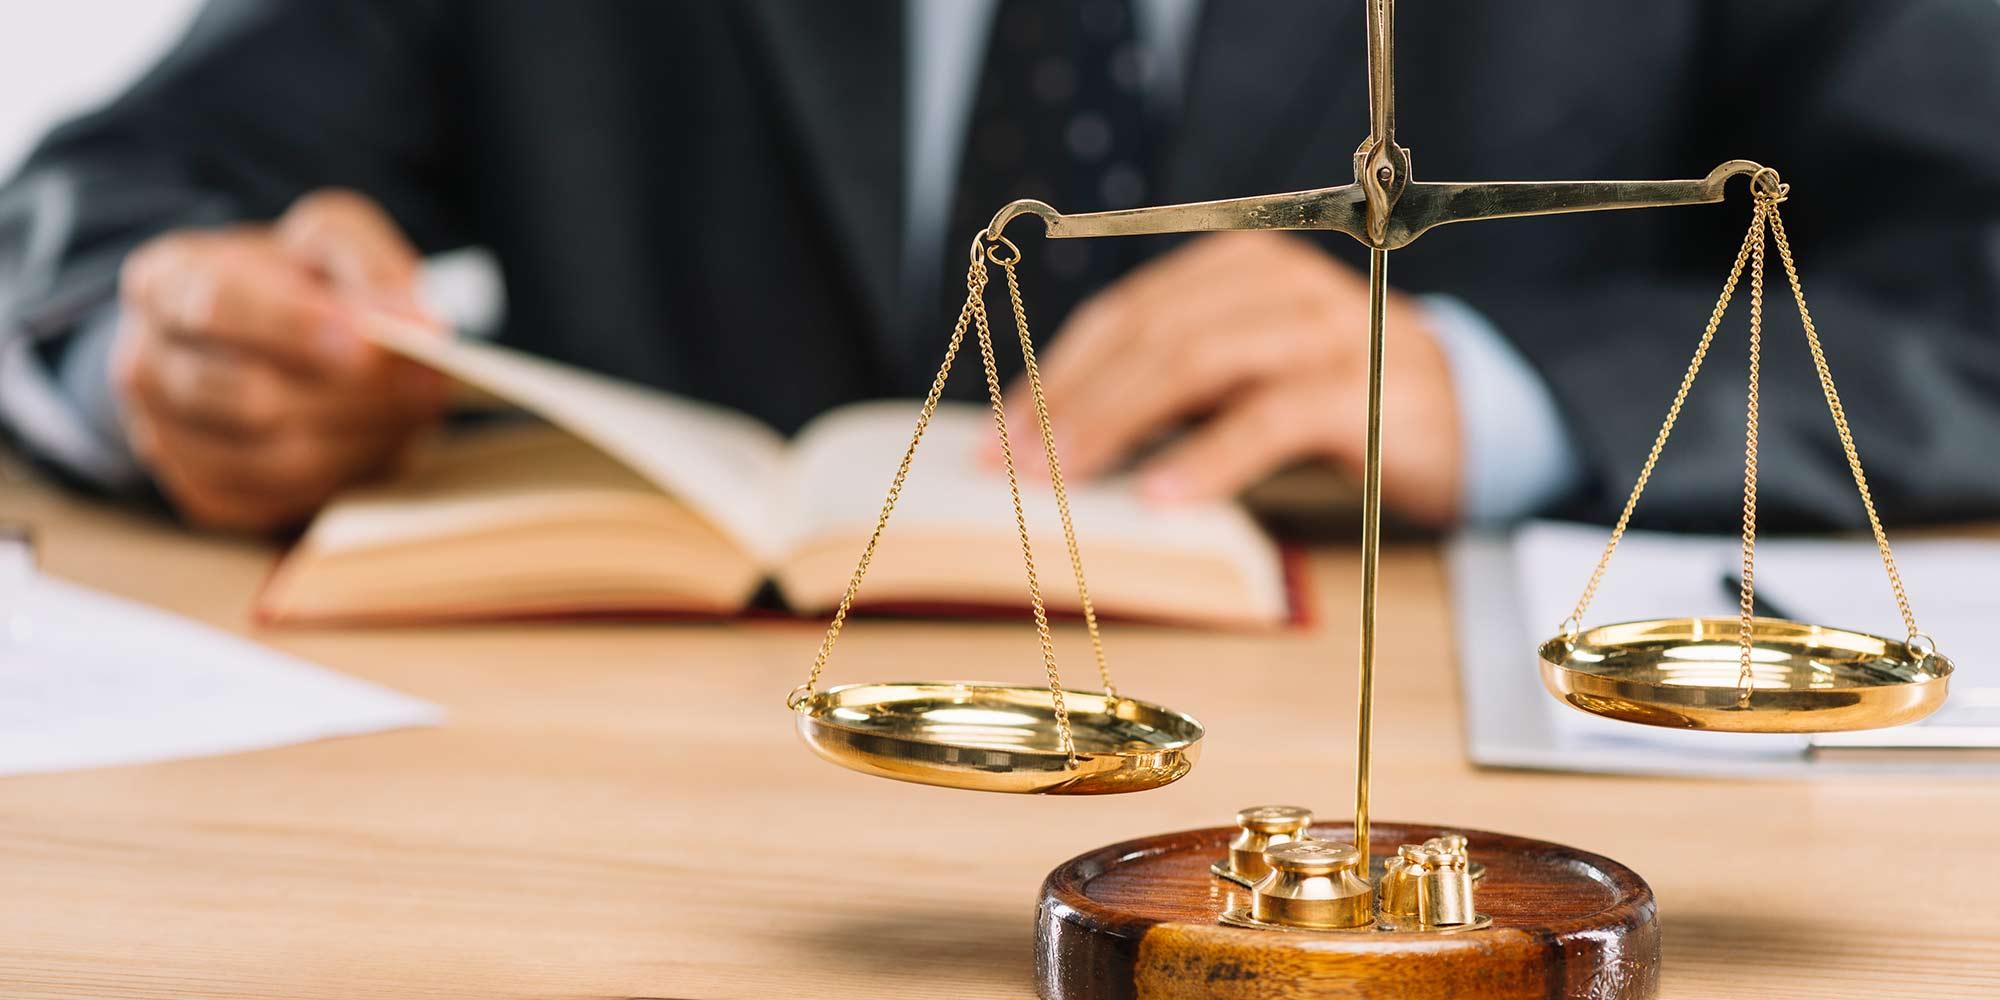 Termos jurídicos: você está utilizando-os corretamente?